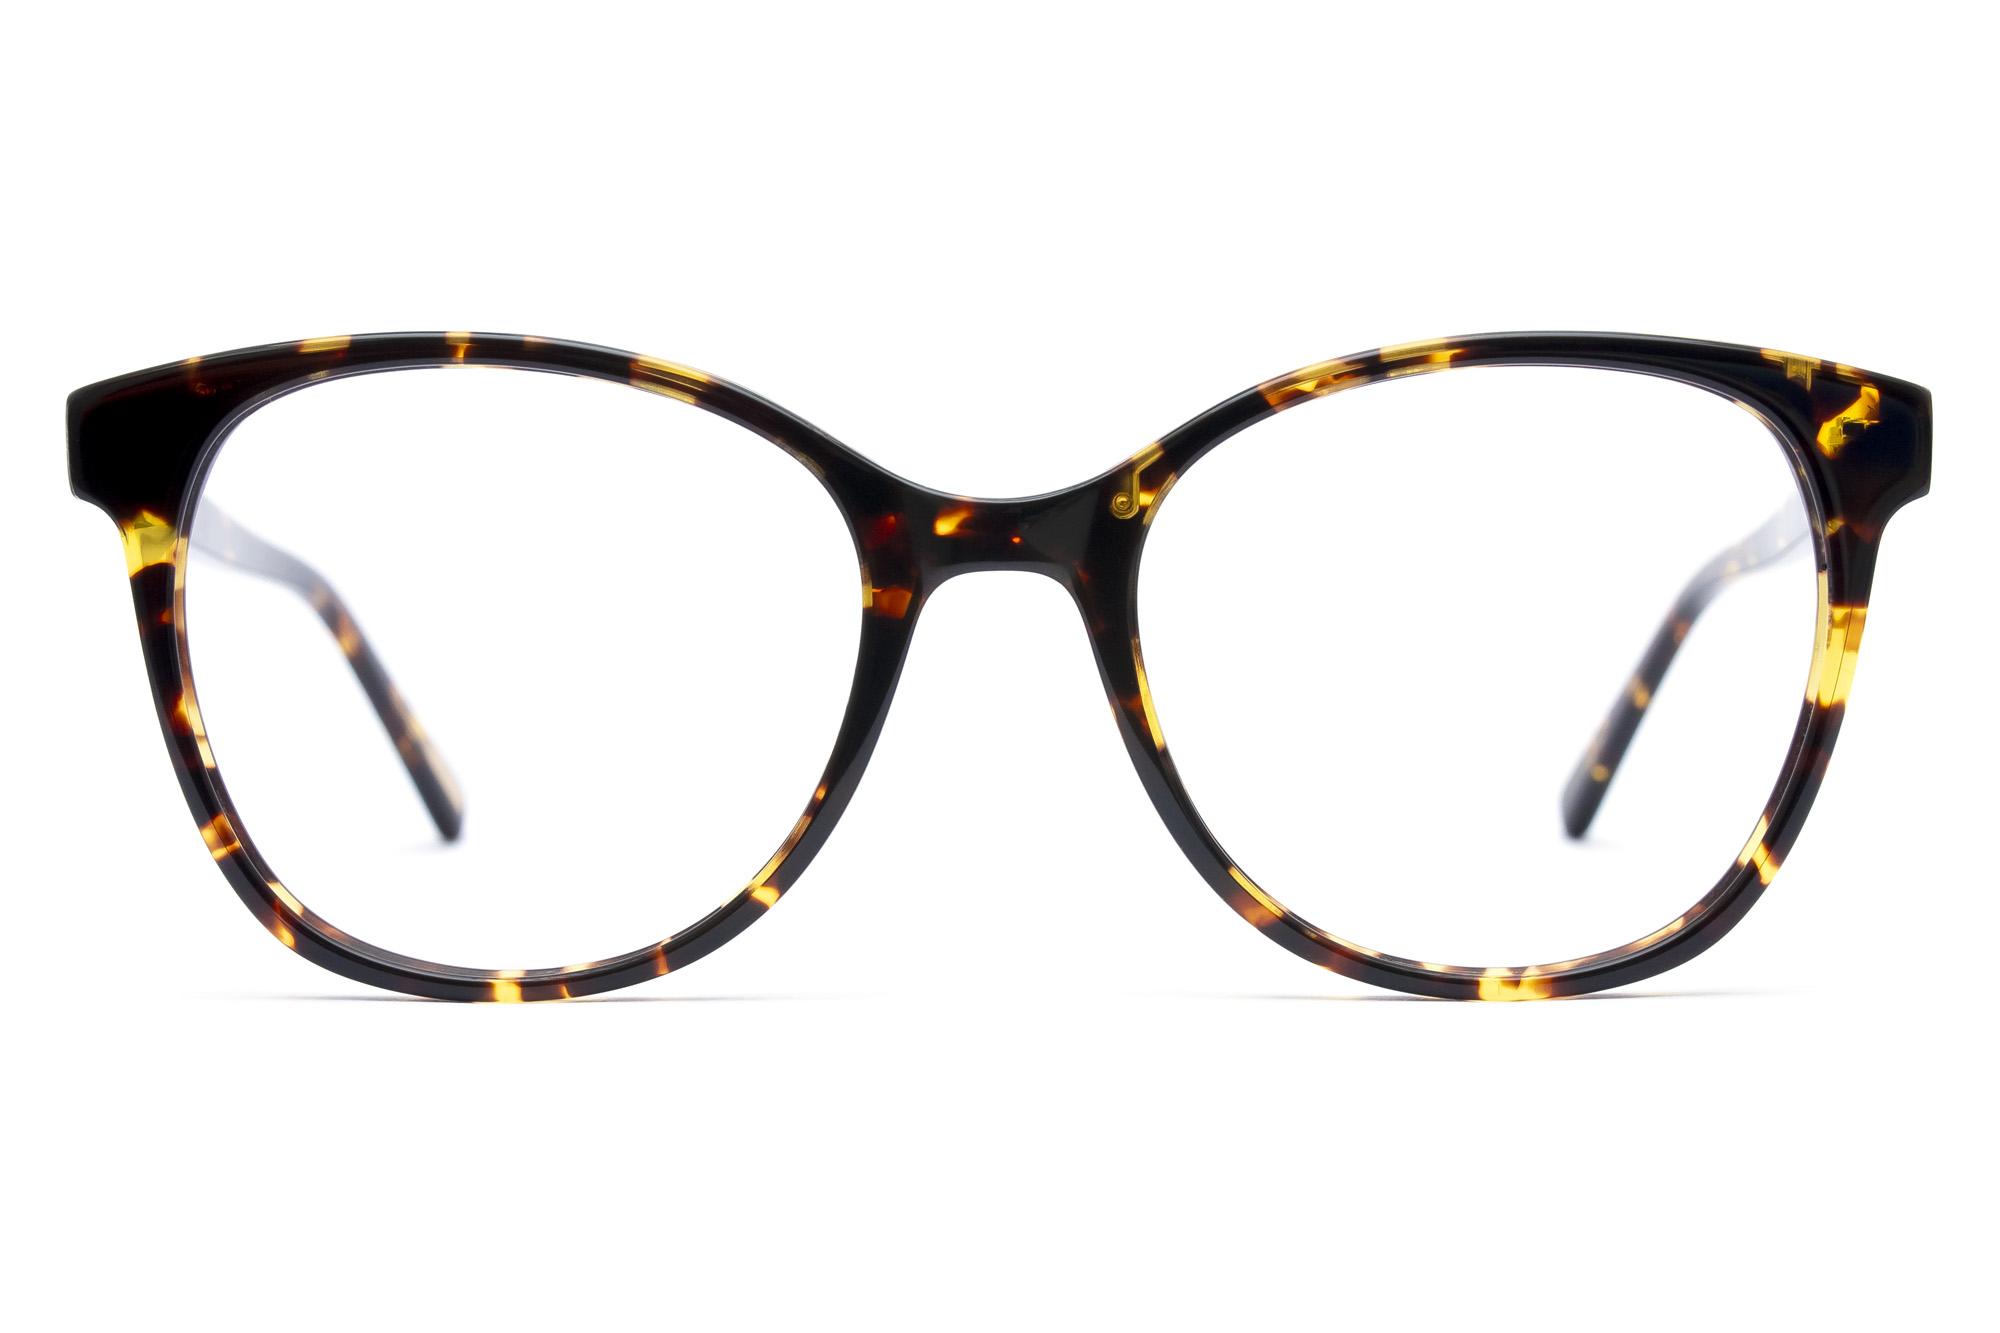 Γυαλιά οράσεως Bluesky Quito Wildfire Πειραιάς